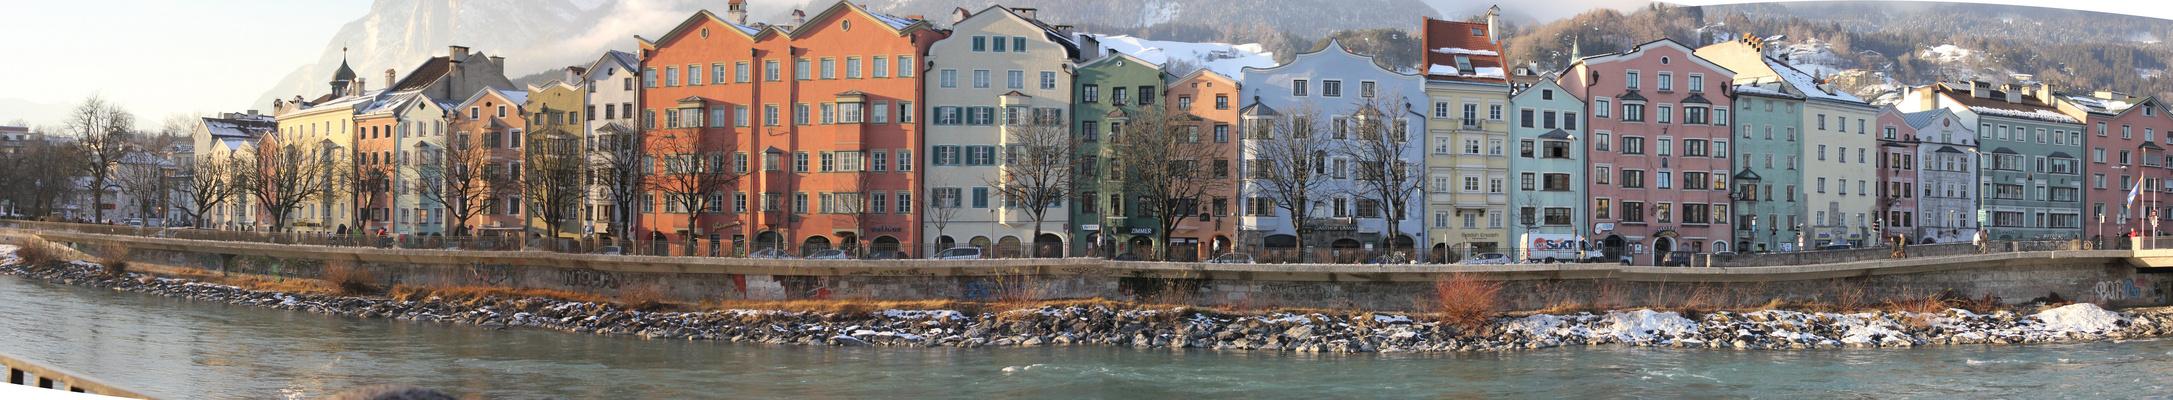 Innsbruck :-) (Freihand)